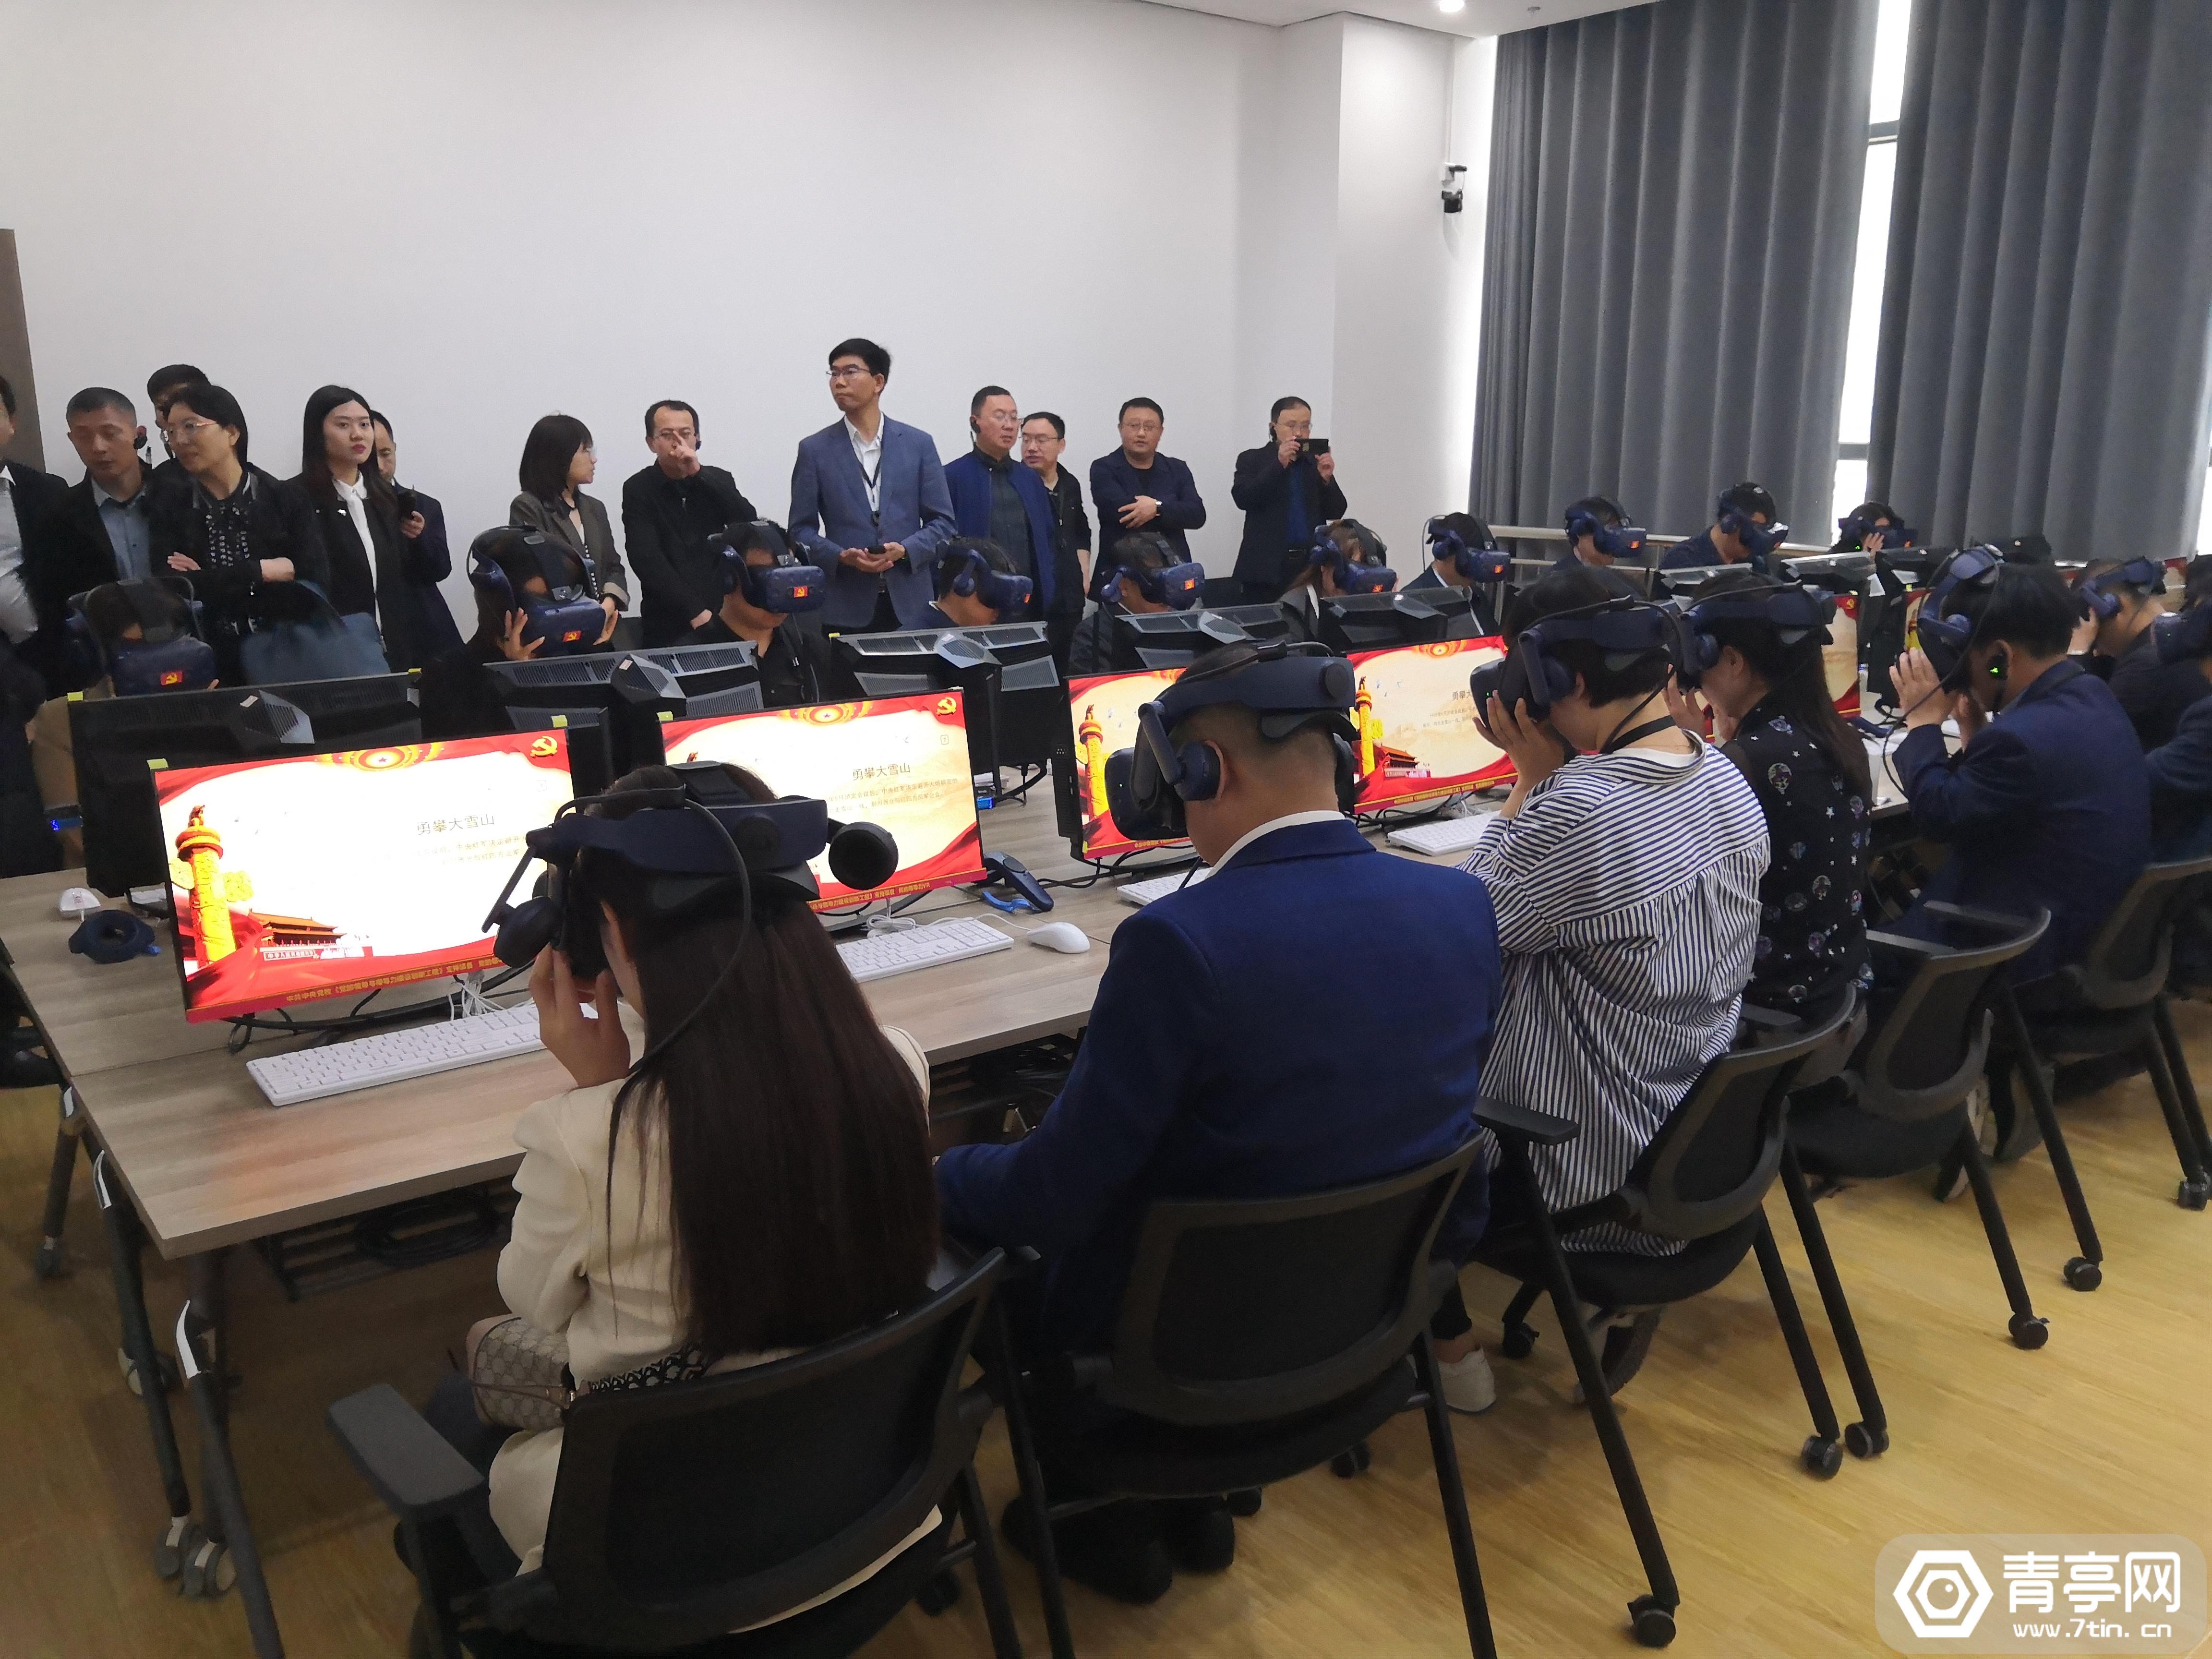 《中国共产党领导力VR》助力当代红色教育提质增效